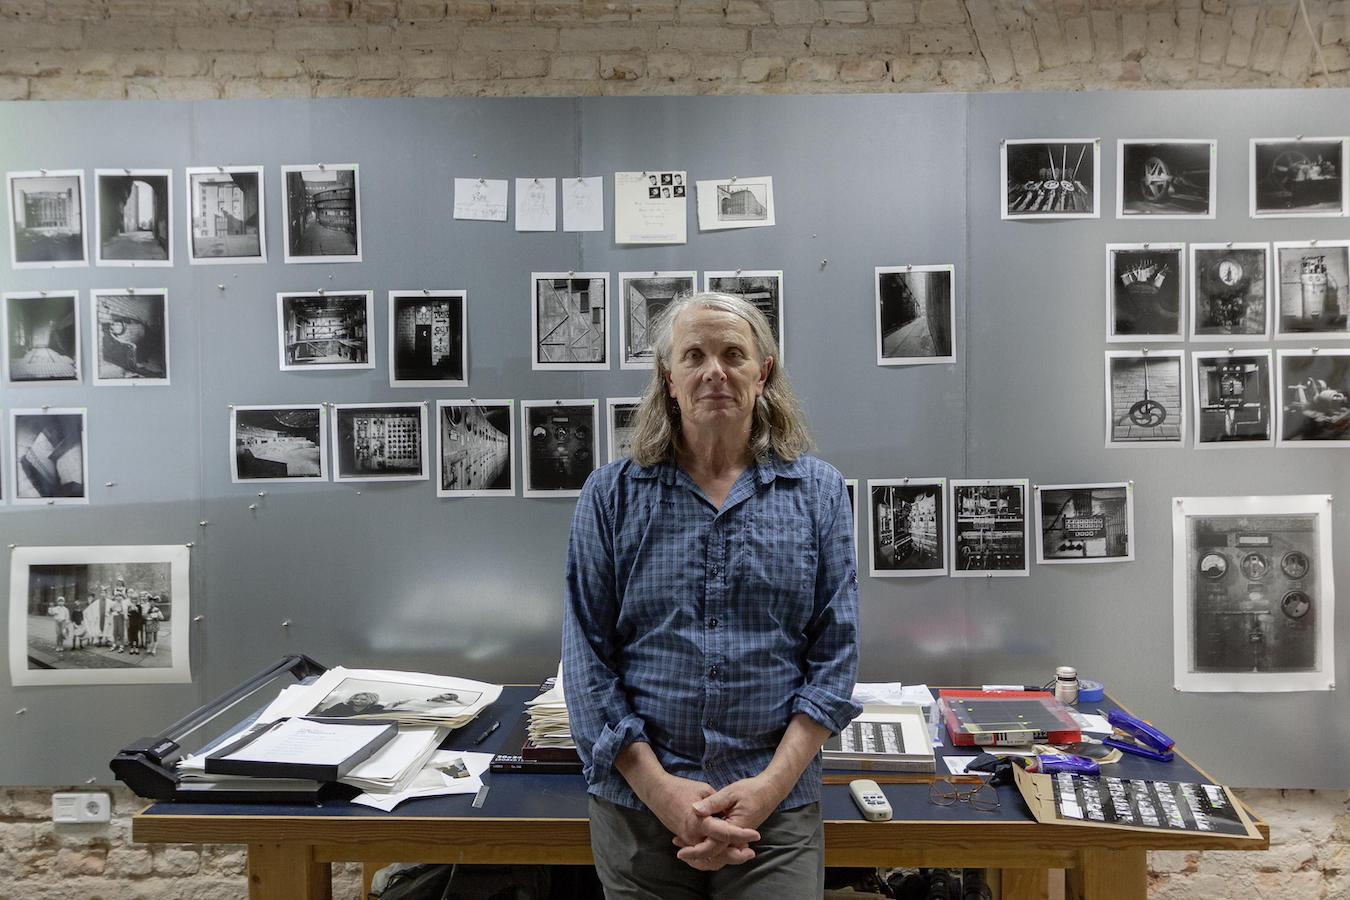 Harf Zimmermann in his studio, Berlin, 2020 / © Arno Scholwin